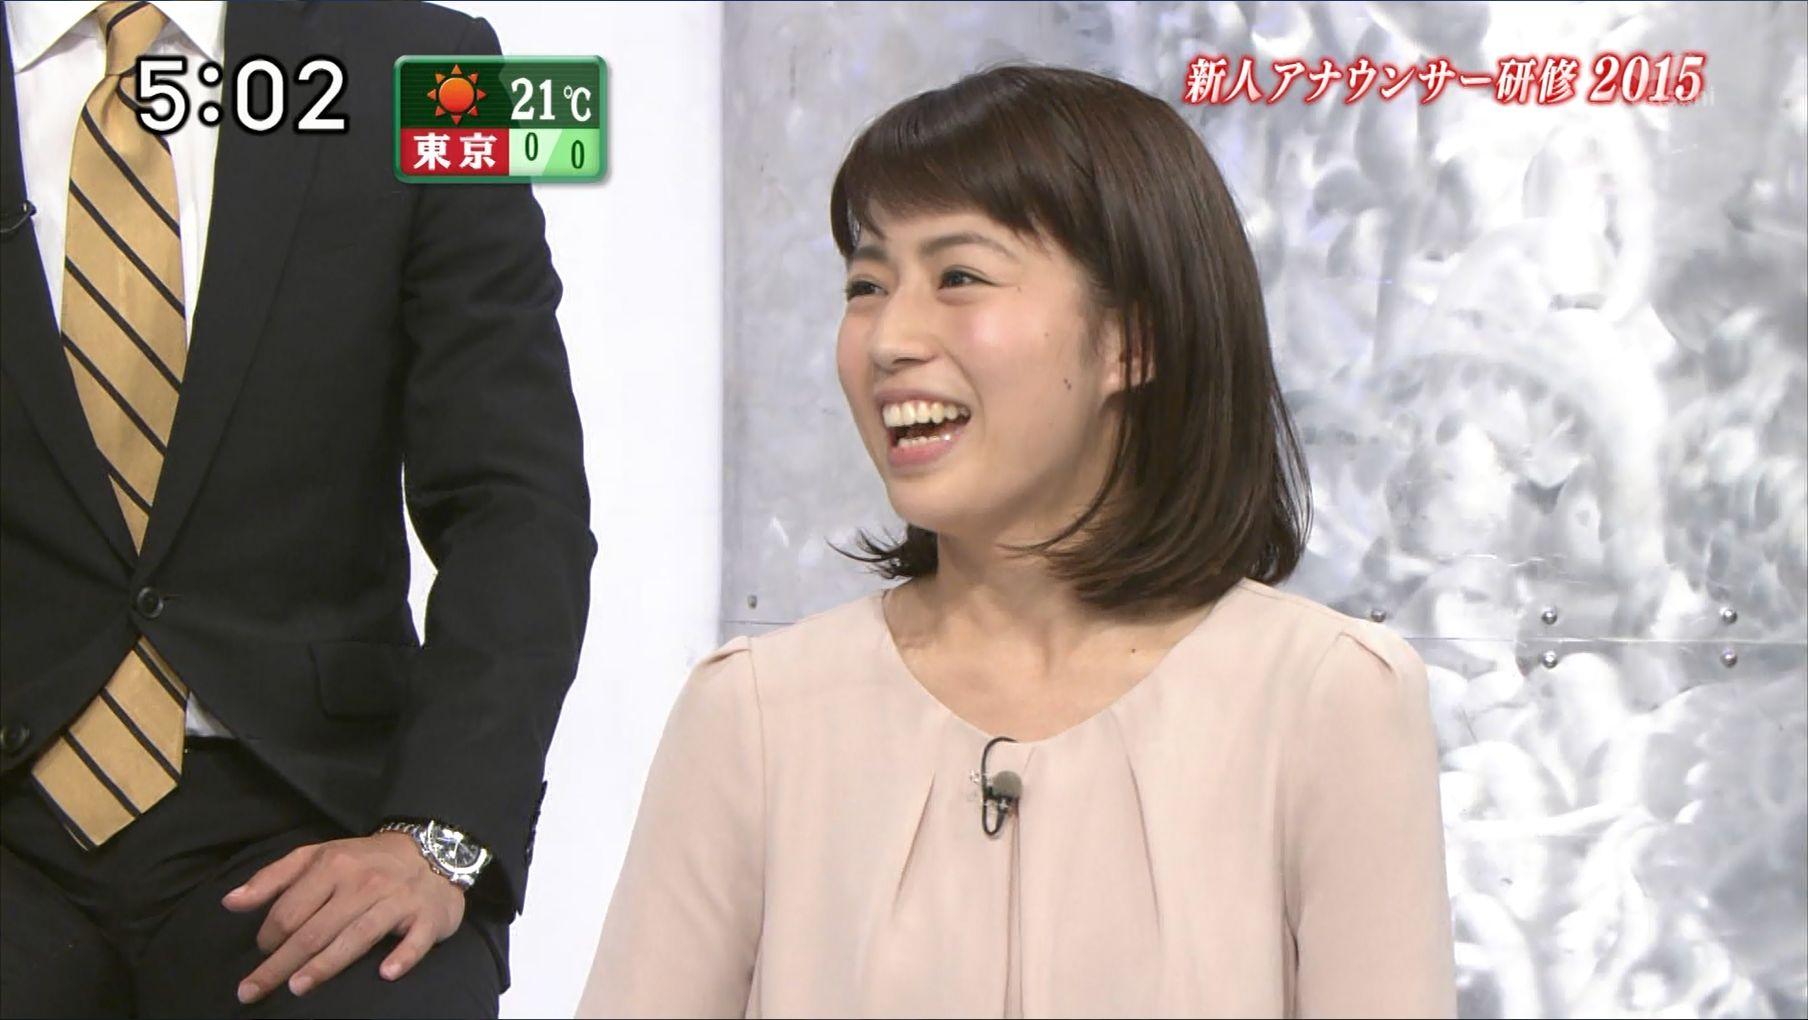 田中萌 (アナウンサー)の画像 p1_39